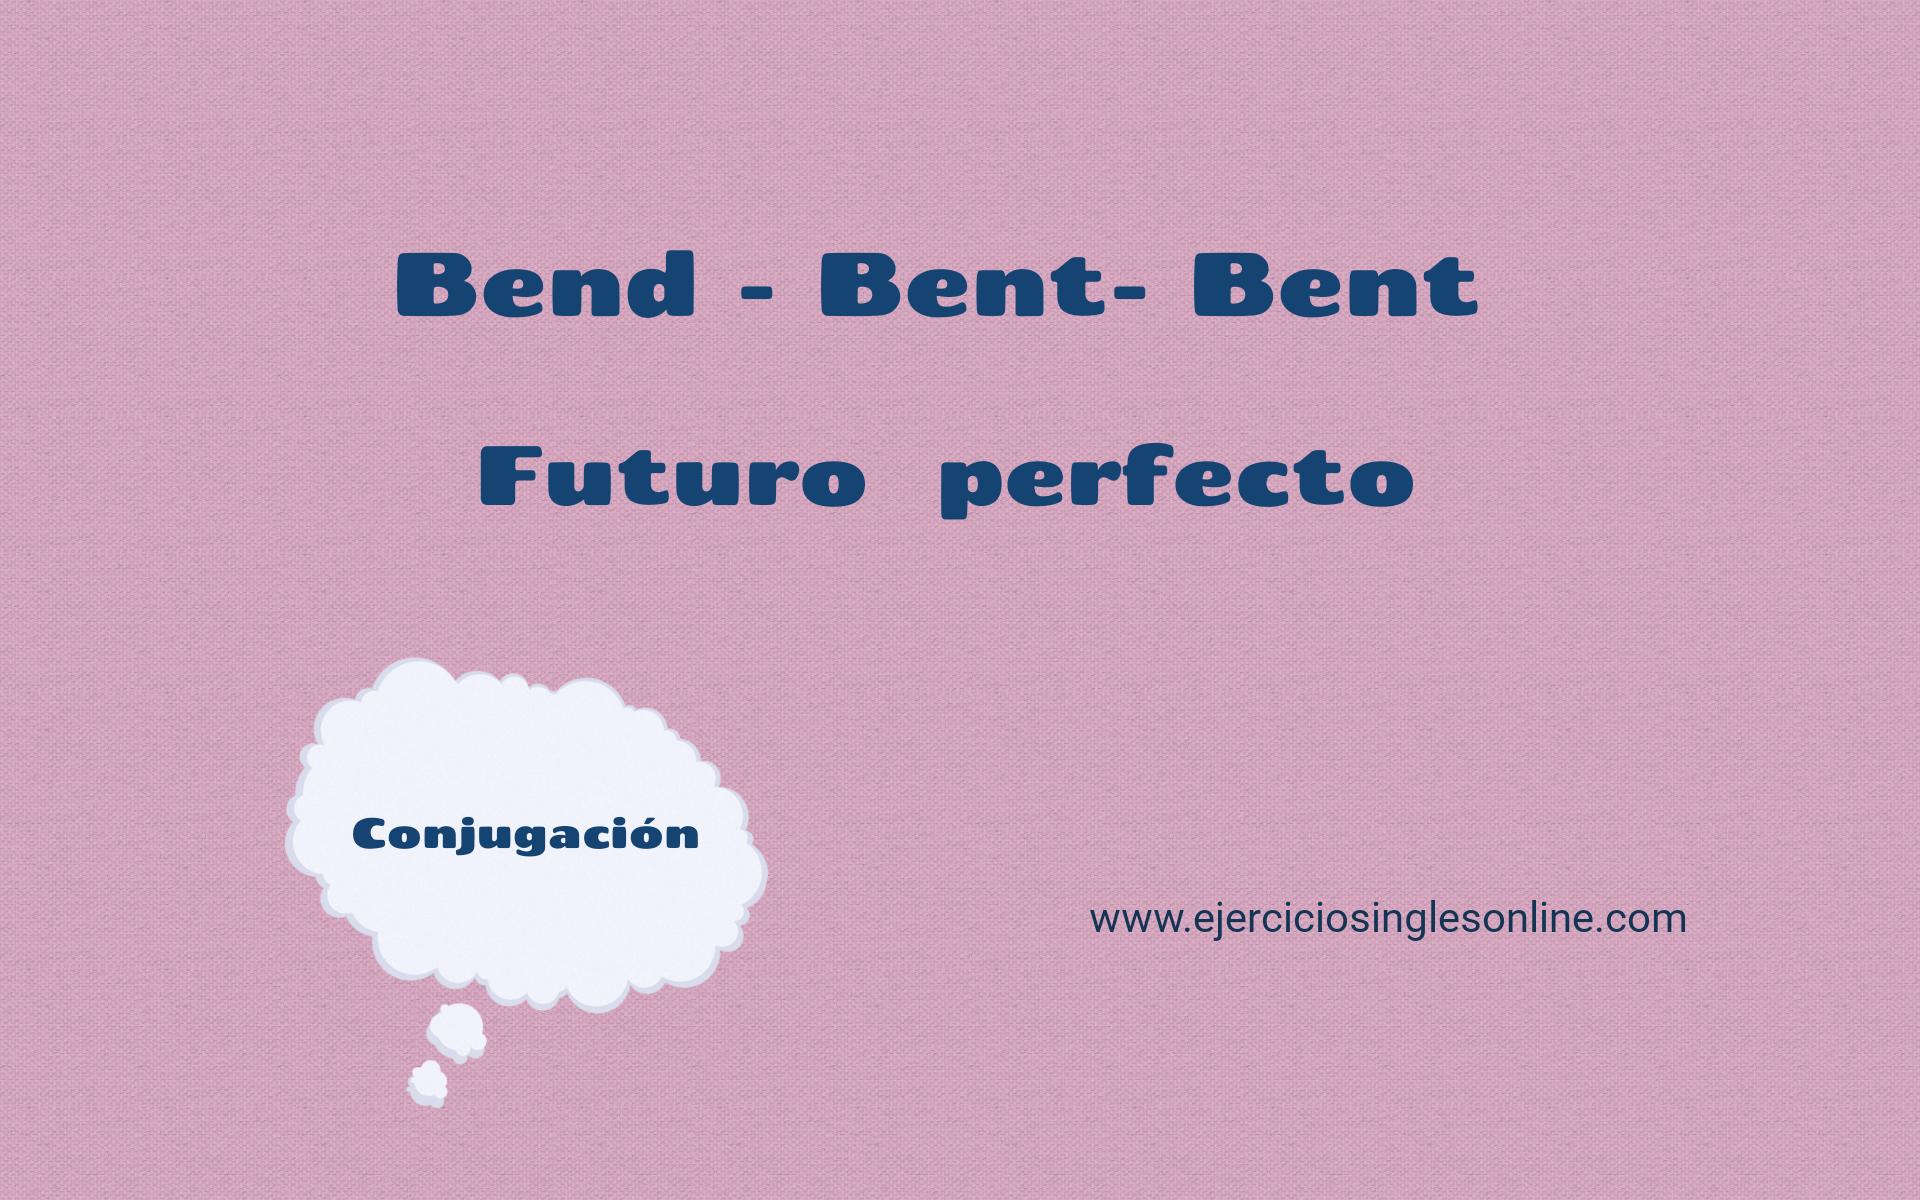 Bend - Futuro perfecto